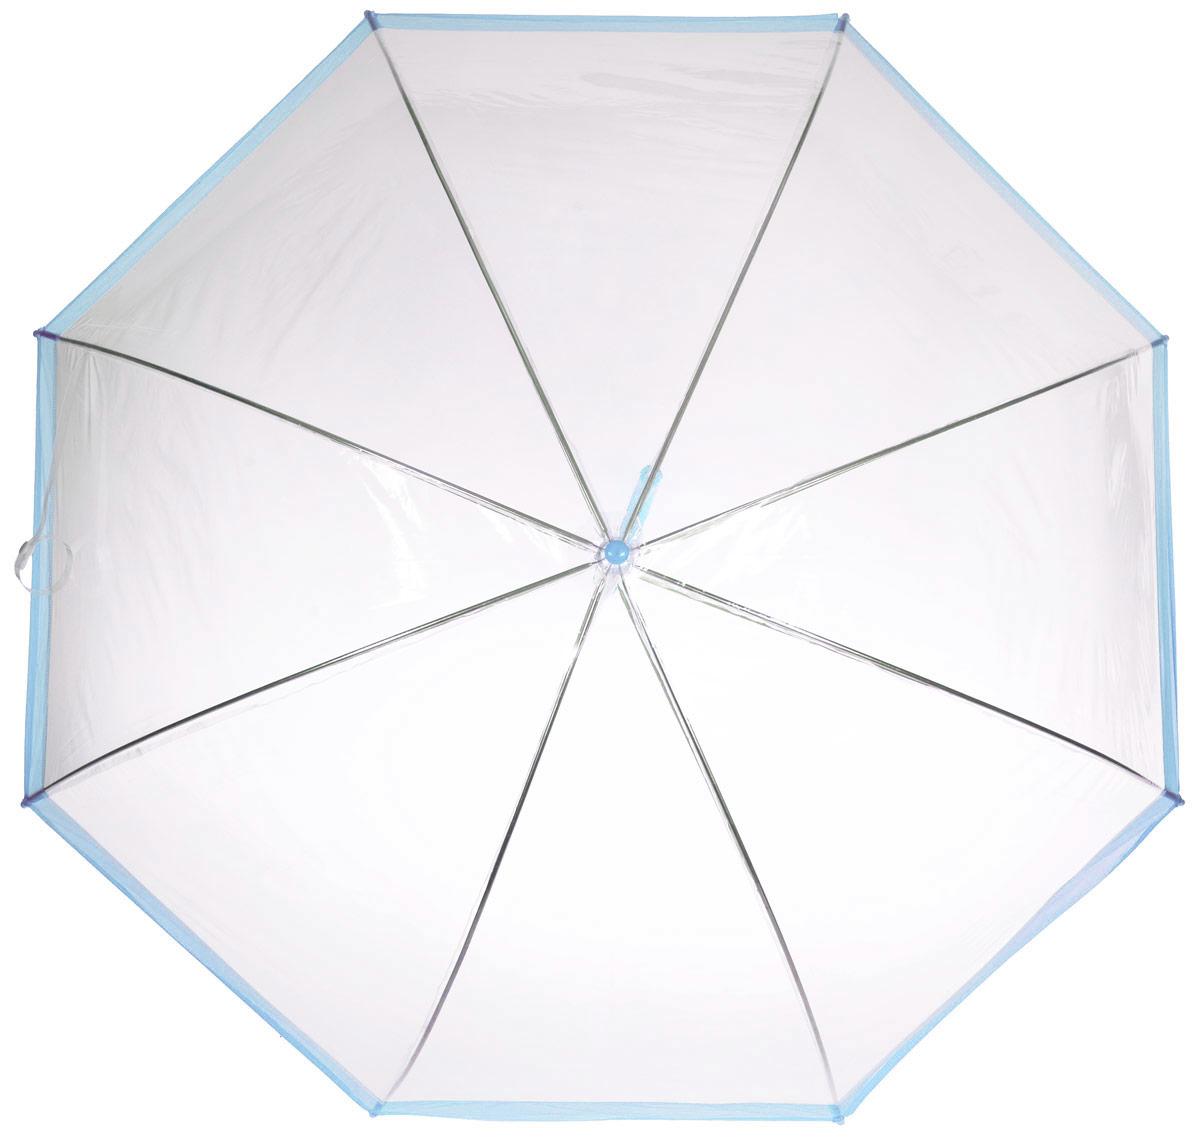 Зонт-трость женский Эврика, механика, цвет: прозрачный, голубой. 94292REM12-CAM-REDBLACKОригинальный и элегантный женский зонт-трость Эврика порадует своим оформлением даже в ненастную погоду.Зонт состоит из восьми спиц и стержня выполненных из качественного металла. Купол выполнен из качественного ПВХ, который не пропускает воду. Зонт дополненудобной пластиковой ручкой в виде крючка.Изделие имеет механический способ сложения: и купол, и стержень открываются и закрываются вручную до характерного щелчка. Зонт закрывается хлястиком на кнопку. Зонт имеет прозрачную текстуру, что позволяет видеть обстановку вокруг себя.Такой зонт не оставит вас незамеченной.